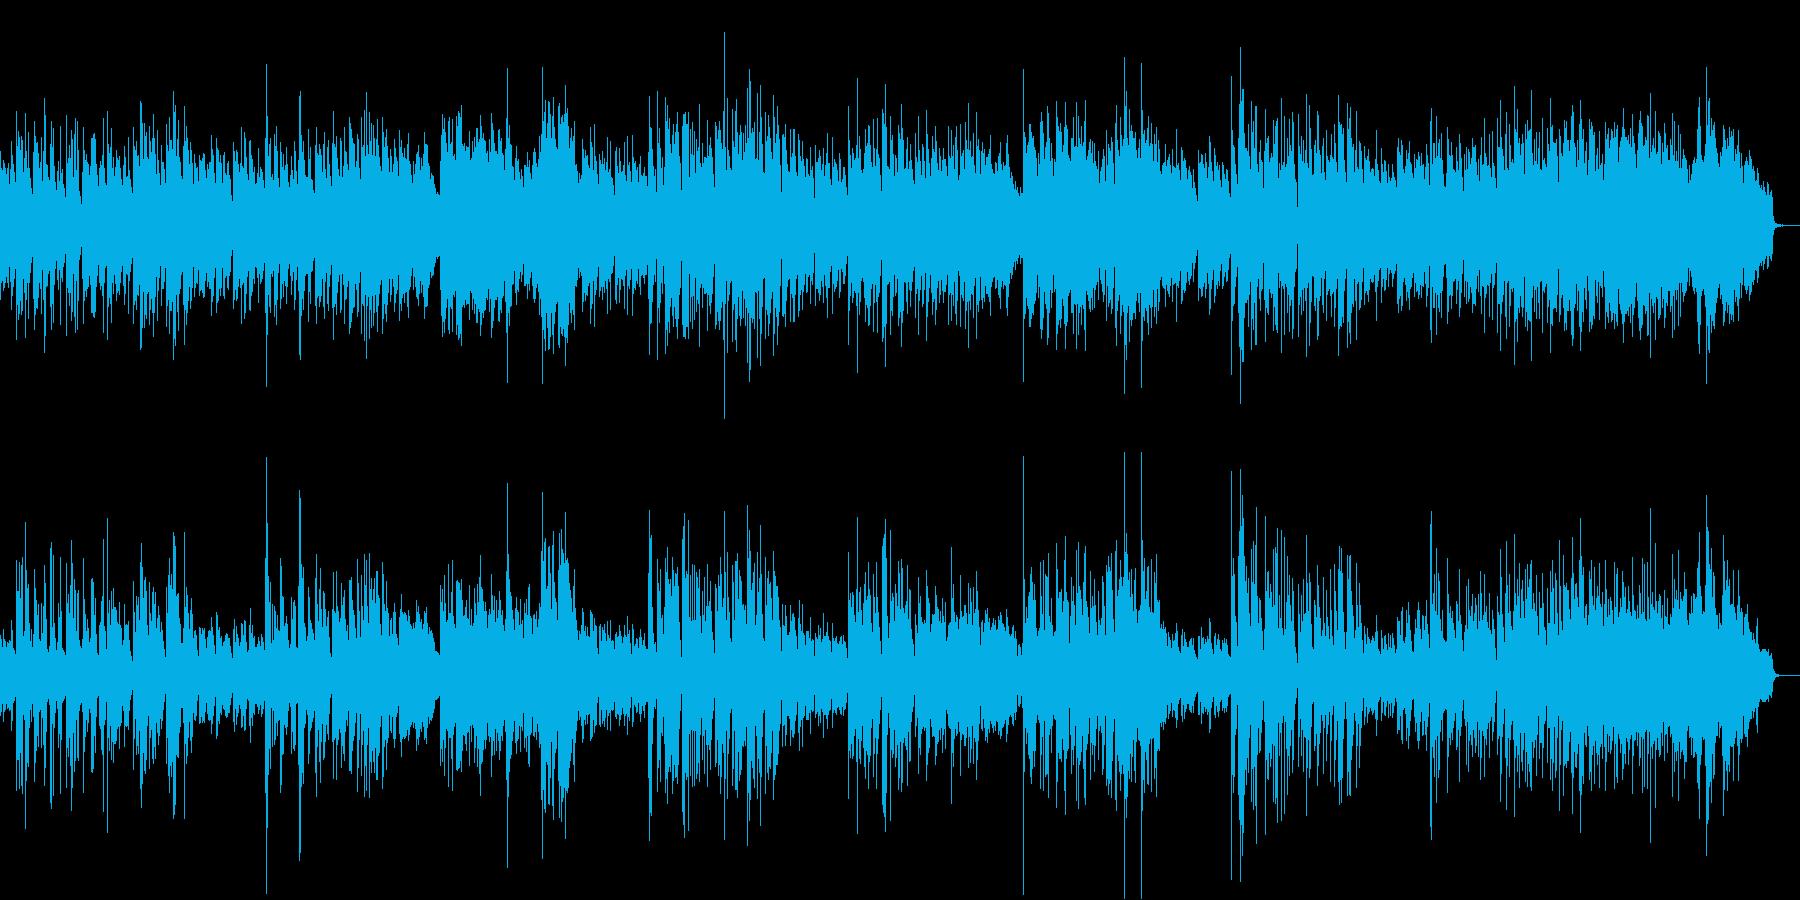 なめらかでゆったりしたギターメロディーの再生済みの波形